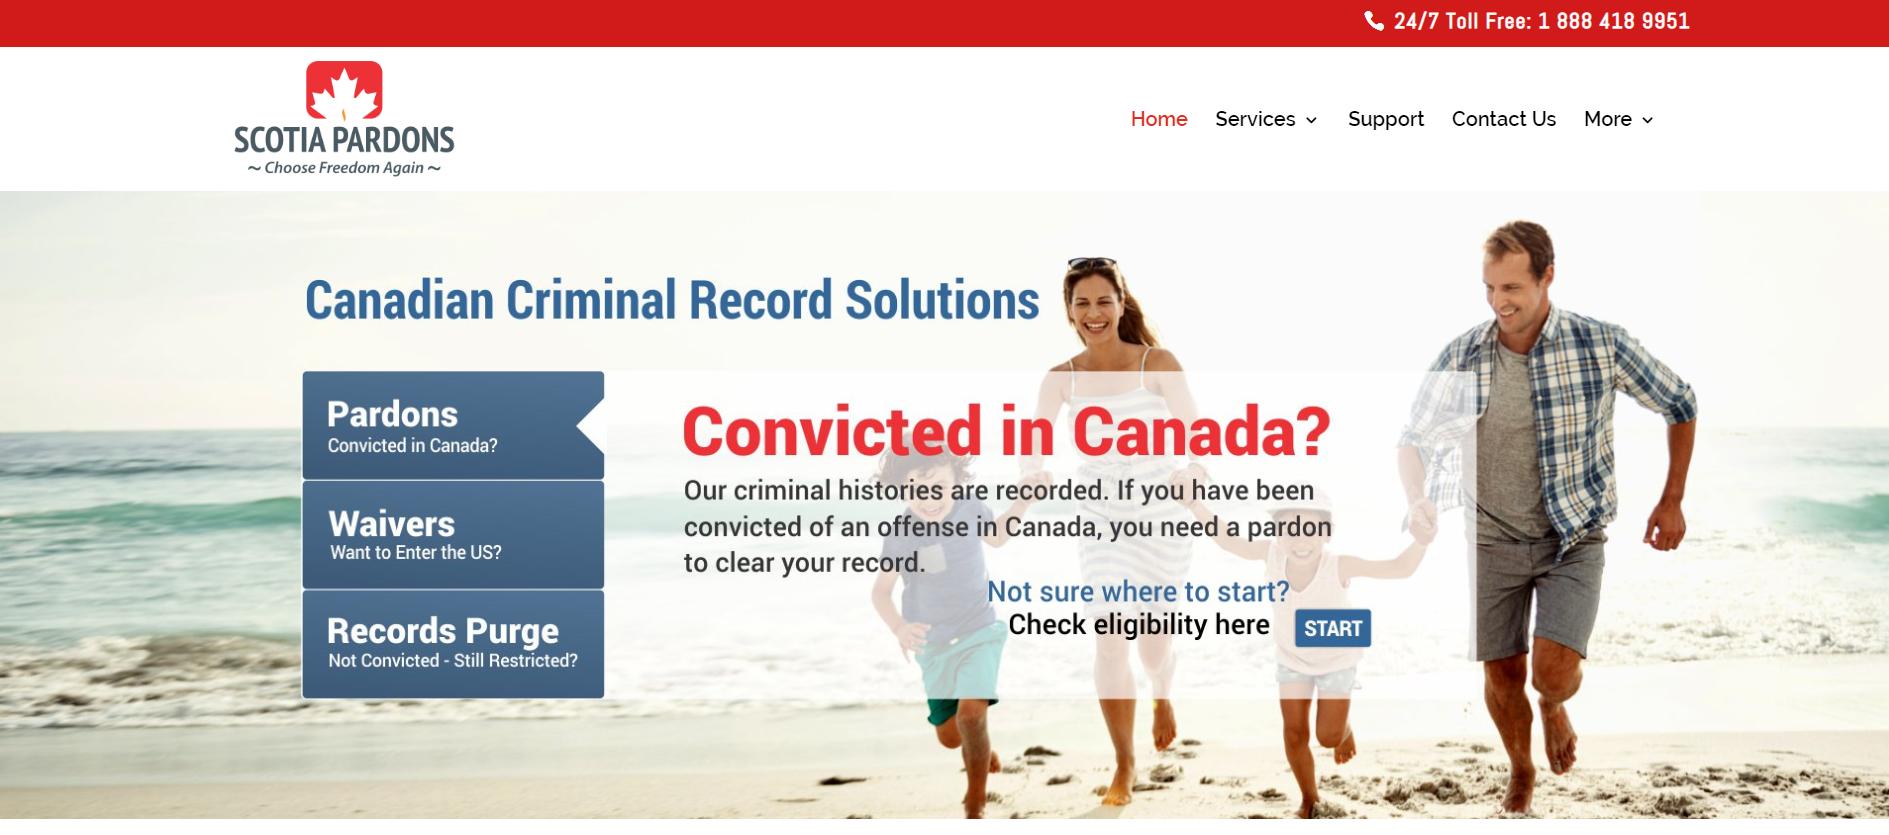 Scotia Pardons Website